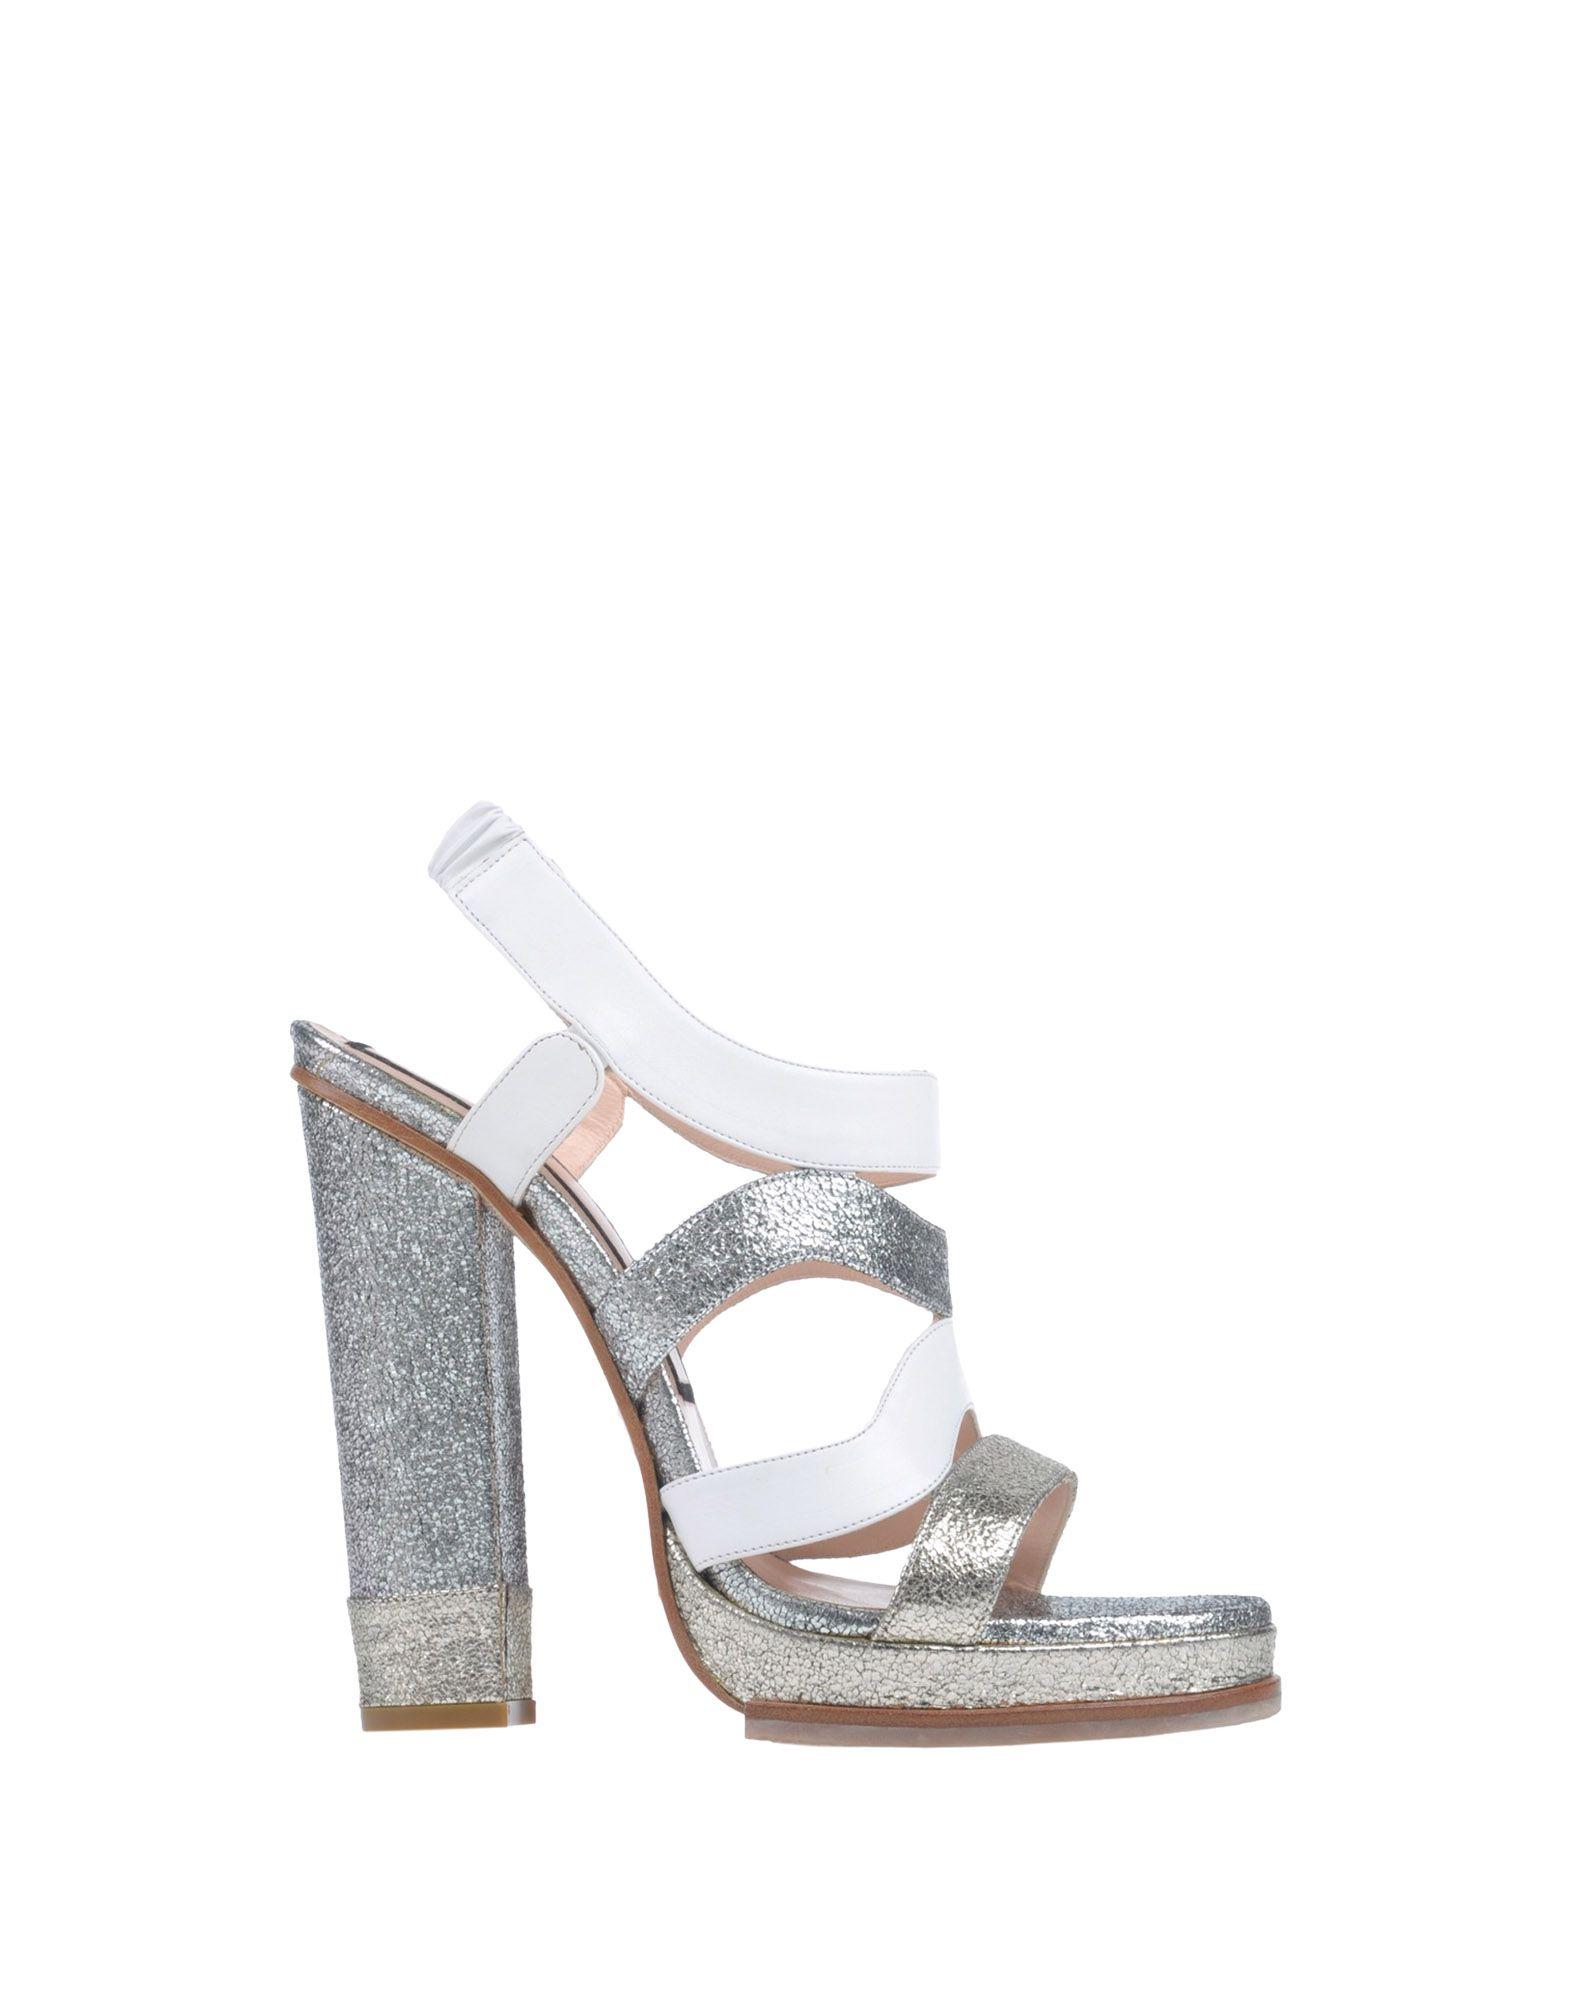 Sandales N° 21 Femme - Sandales N° 21 sur